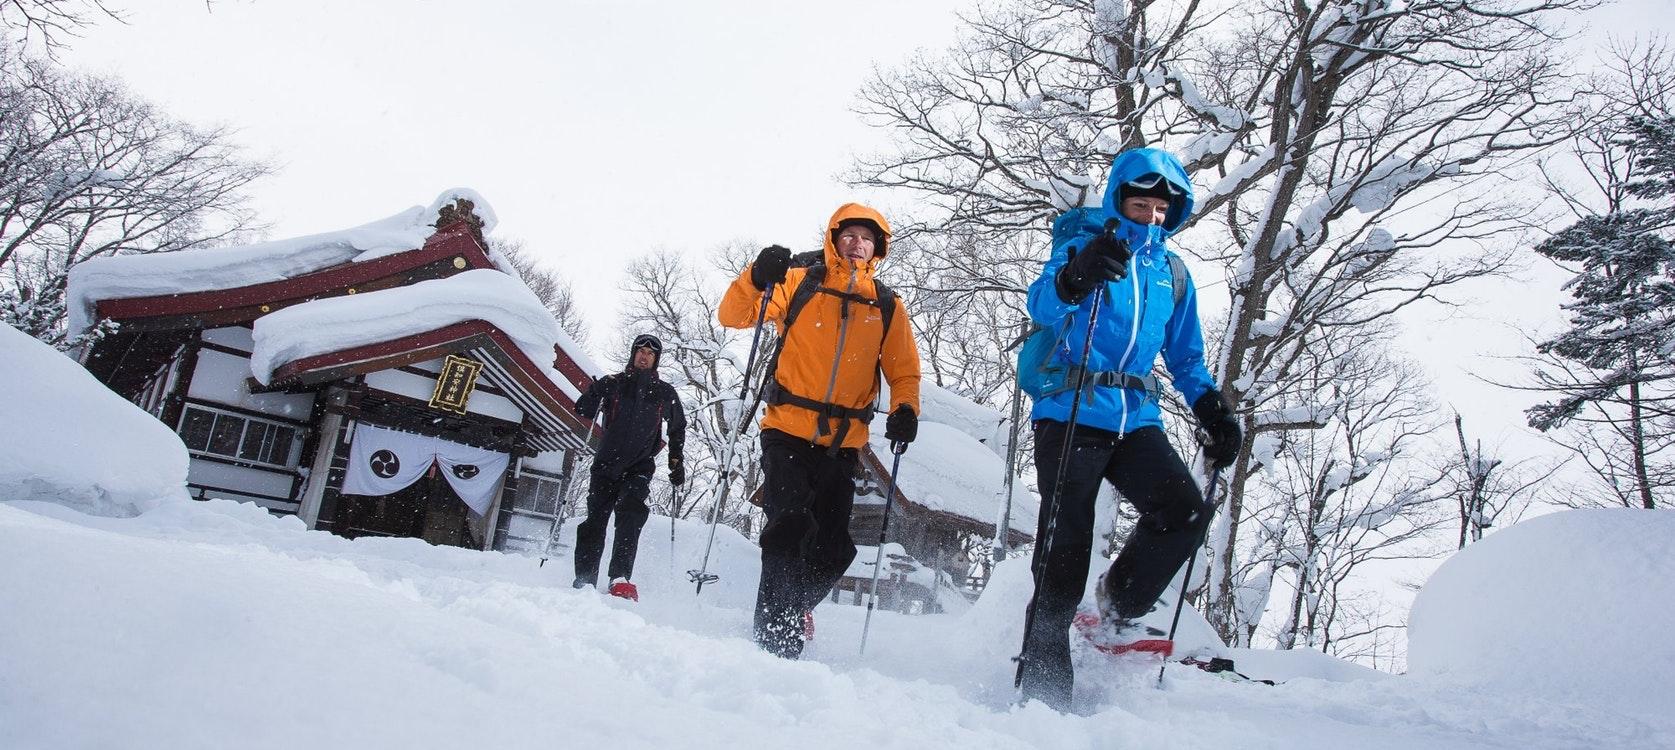 5cf368569 Beginner's Guide: Snow Season in Japan